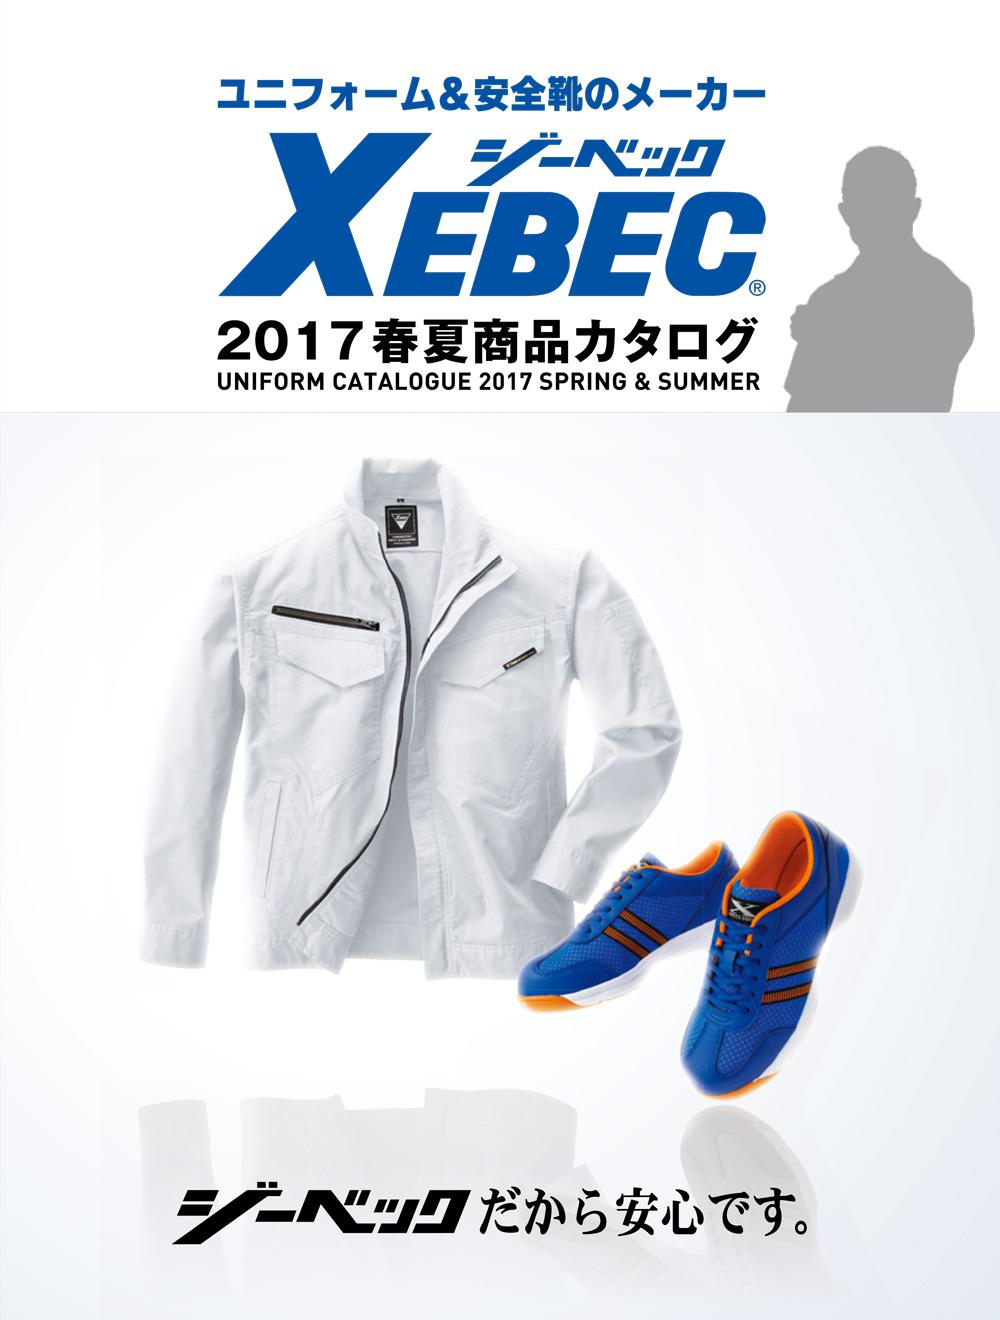 XEBEC 2017年春夏カタログ